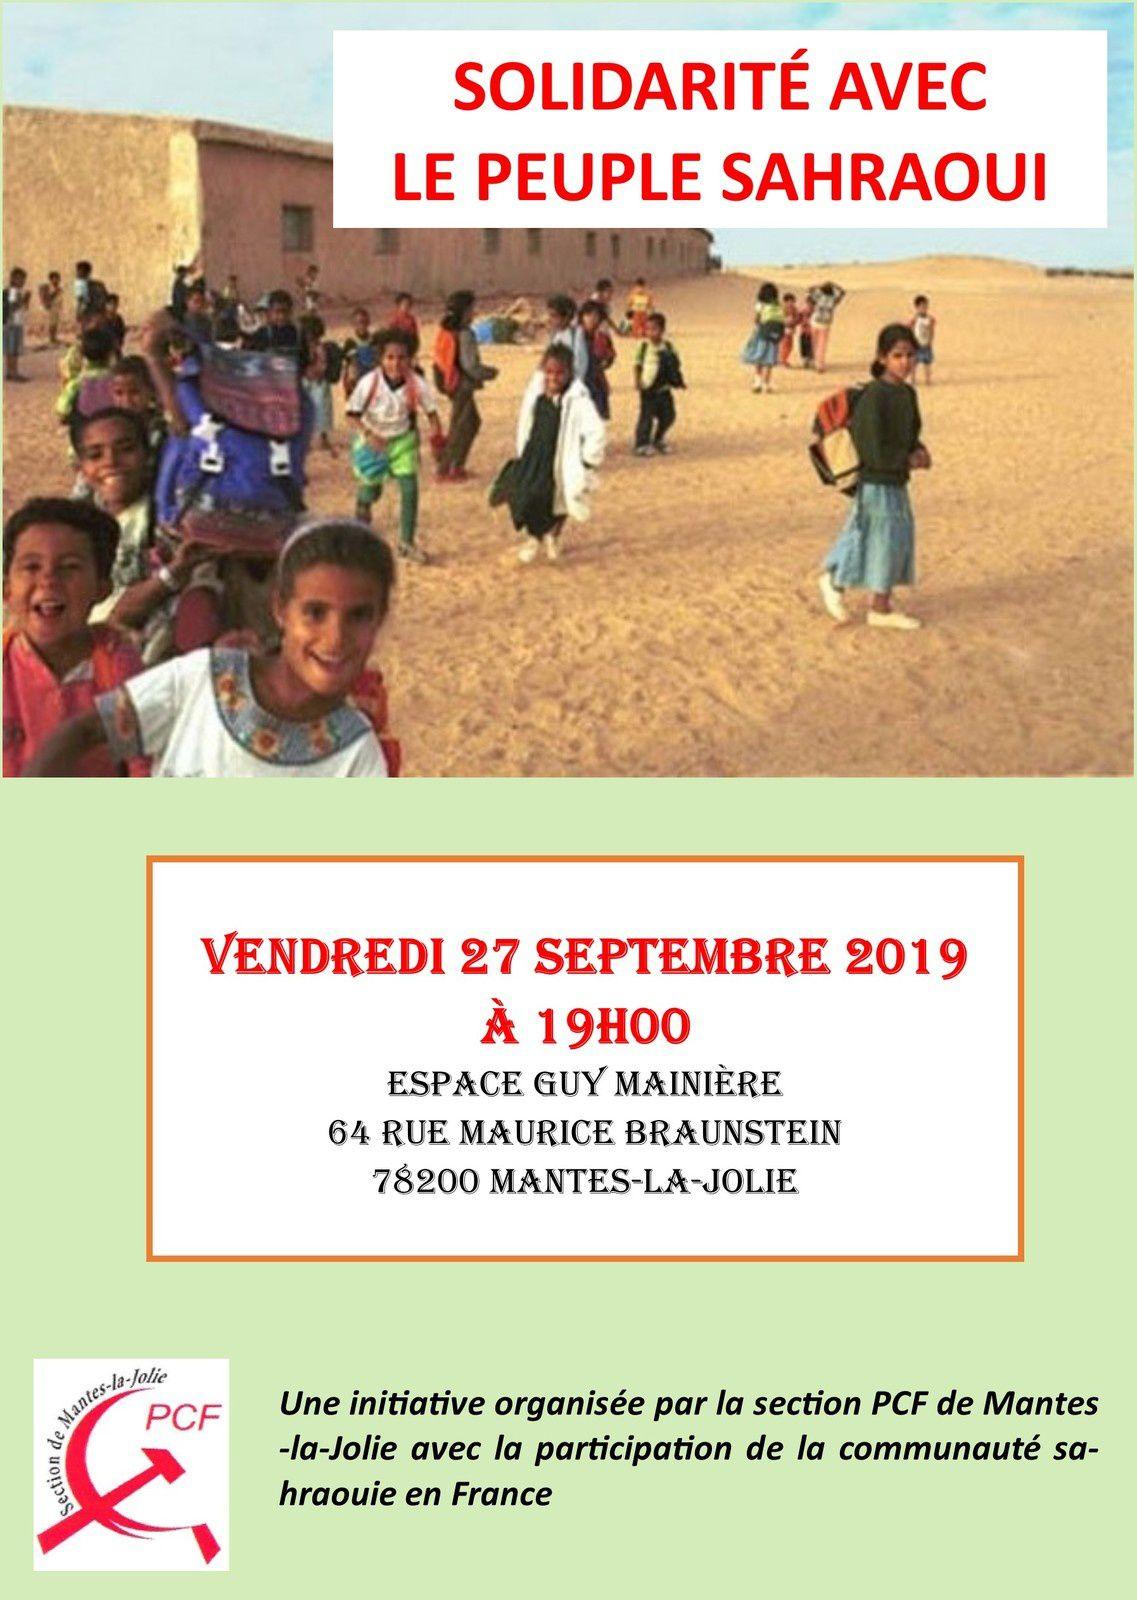 Mantes-la-Jolie. 27 septembre. Solidarité avec le peuple Saharaoui.